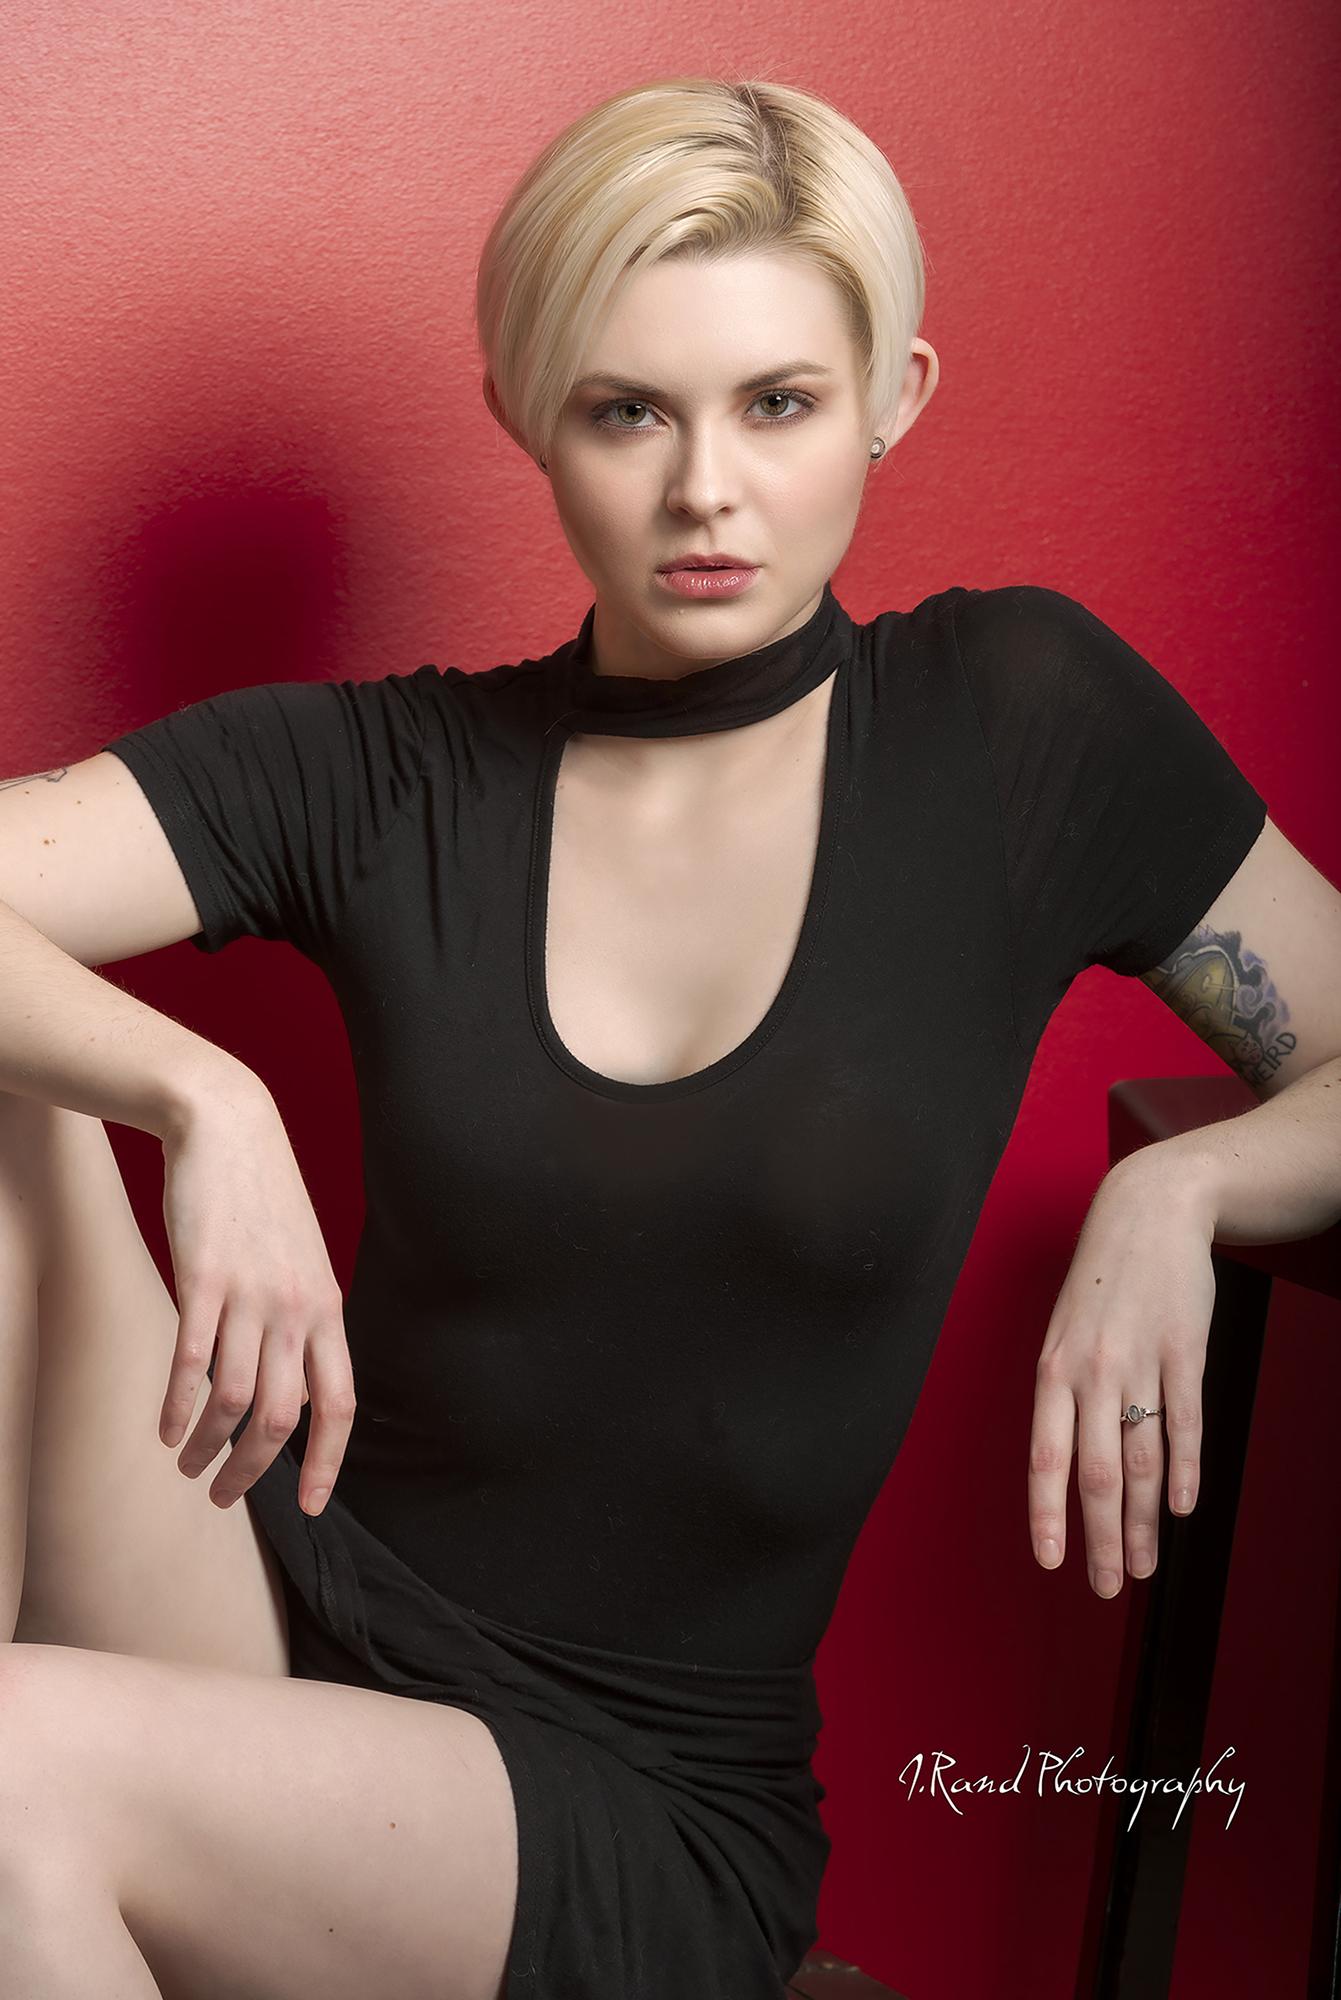 Tara yeg Model